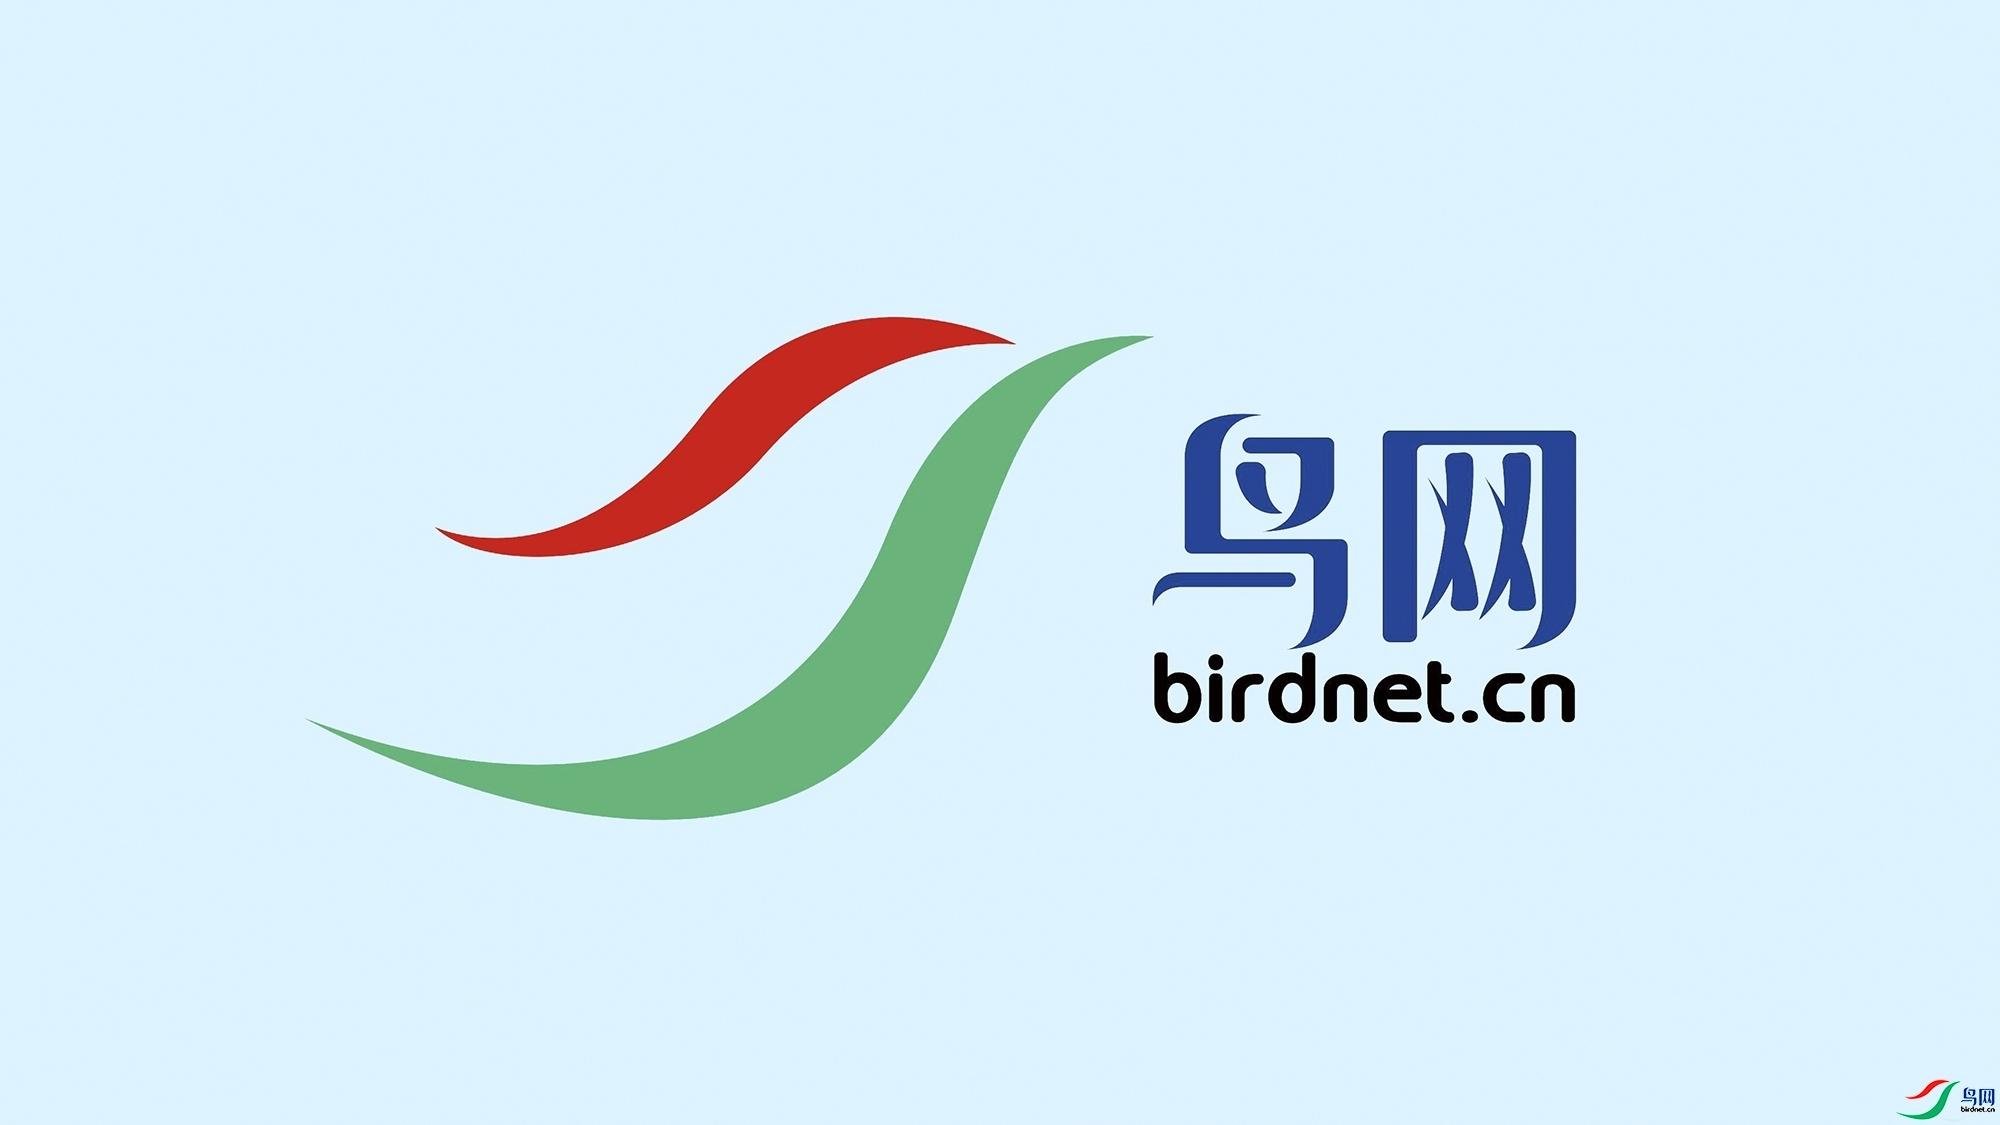 鸟网LOGO图.jpg